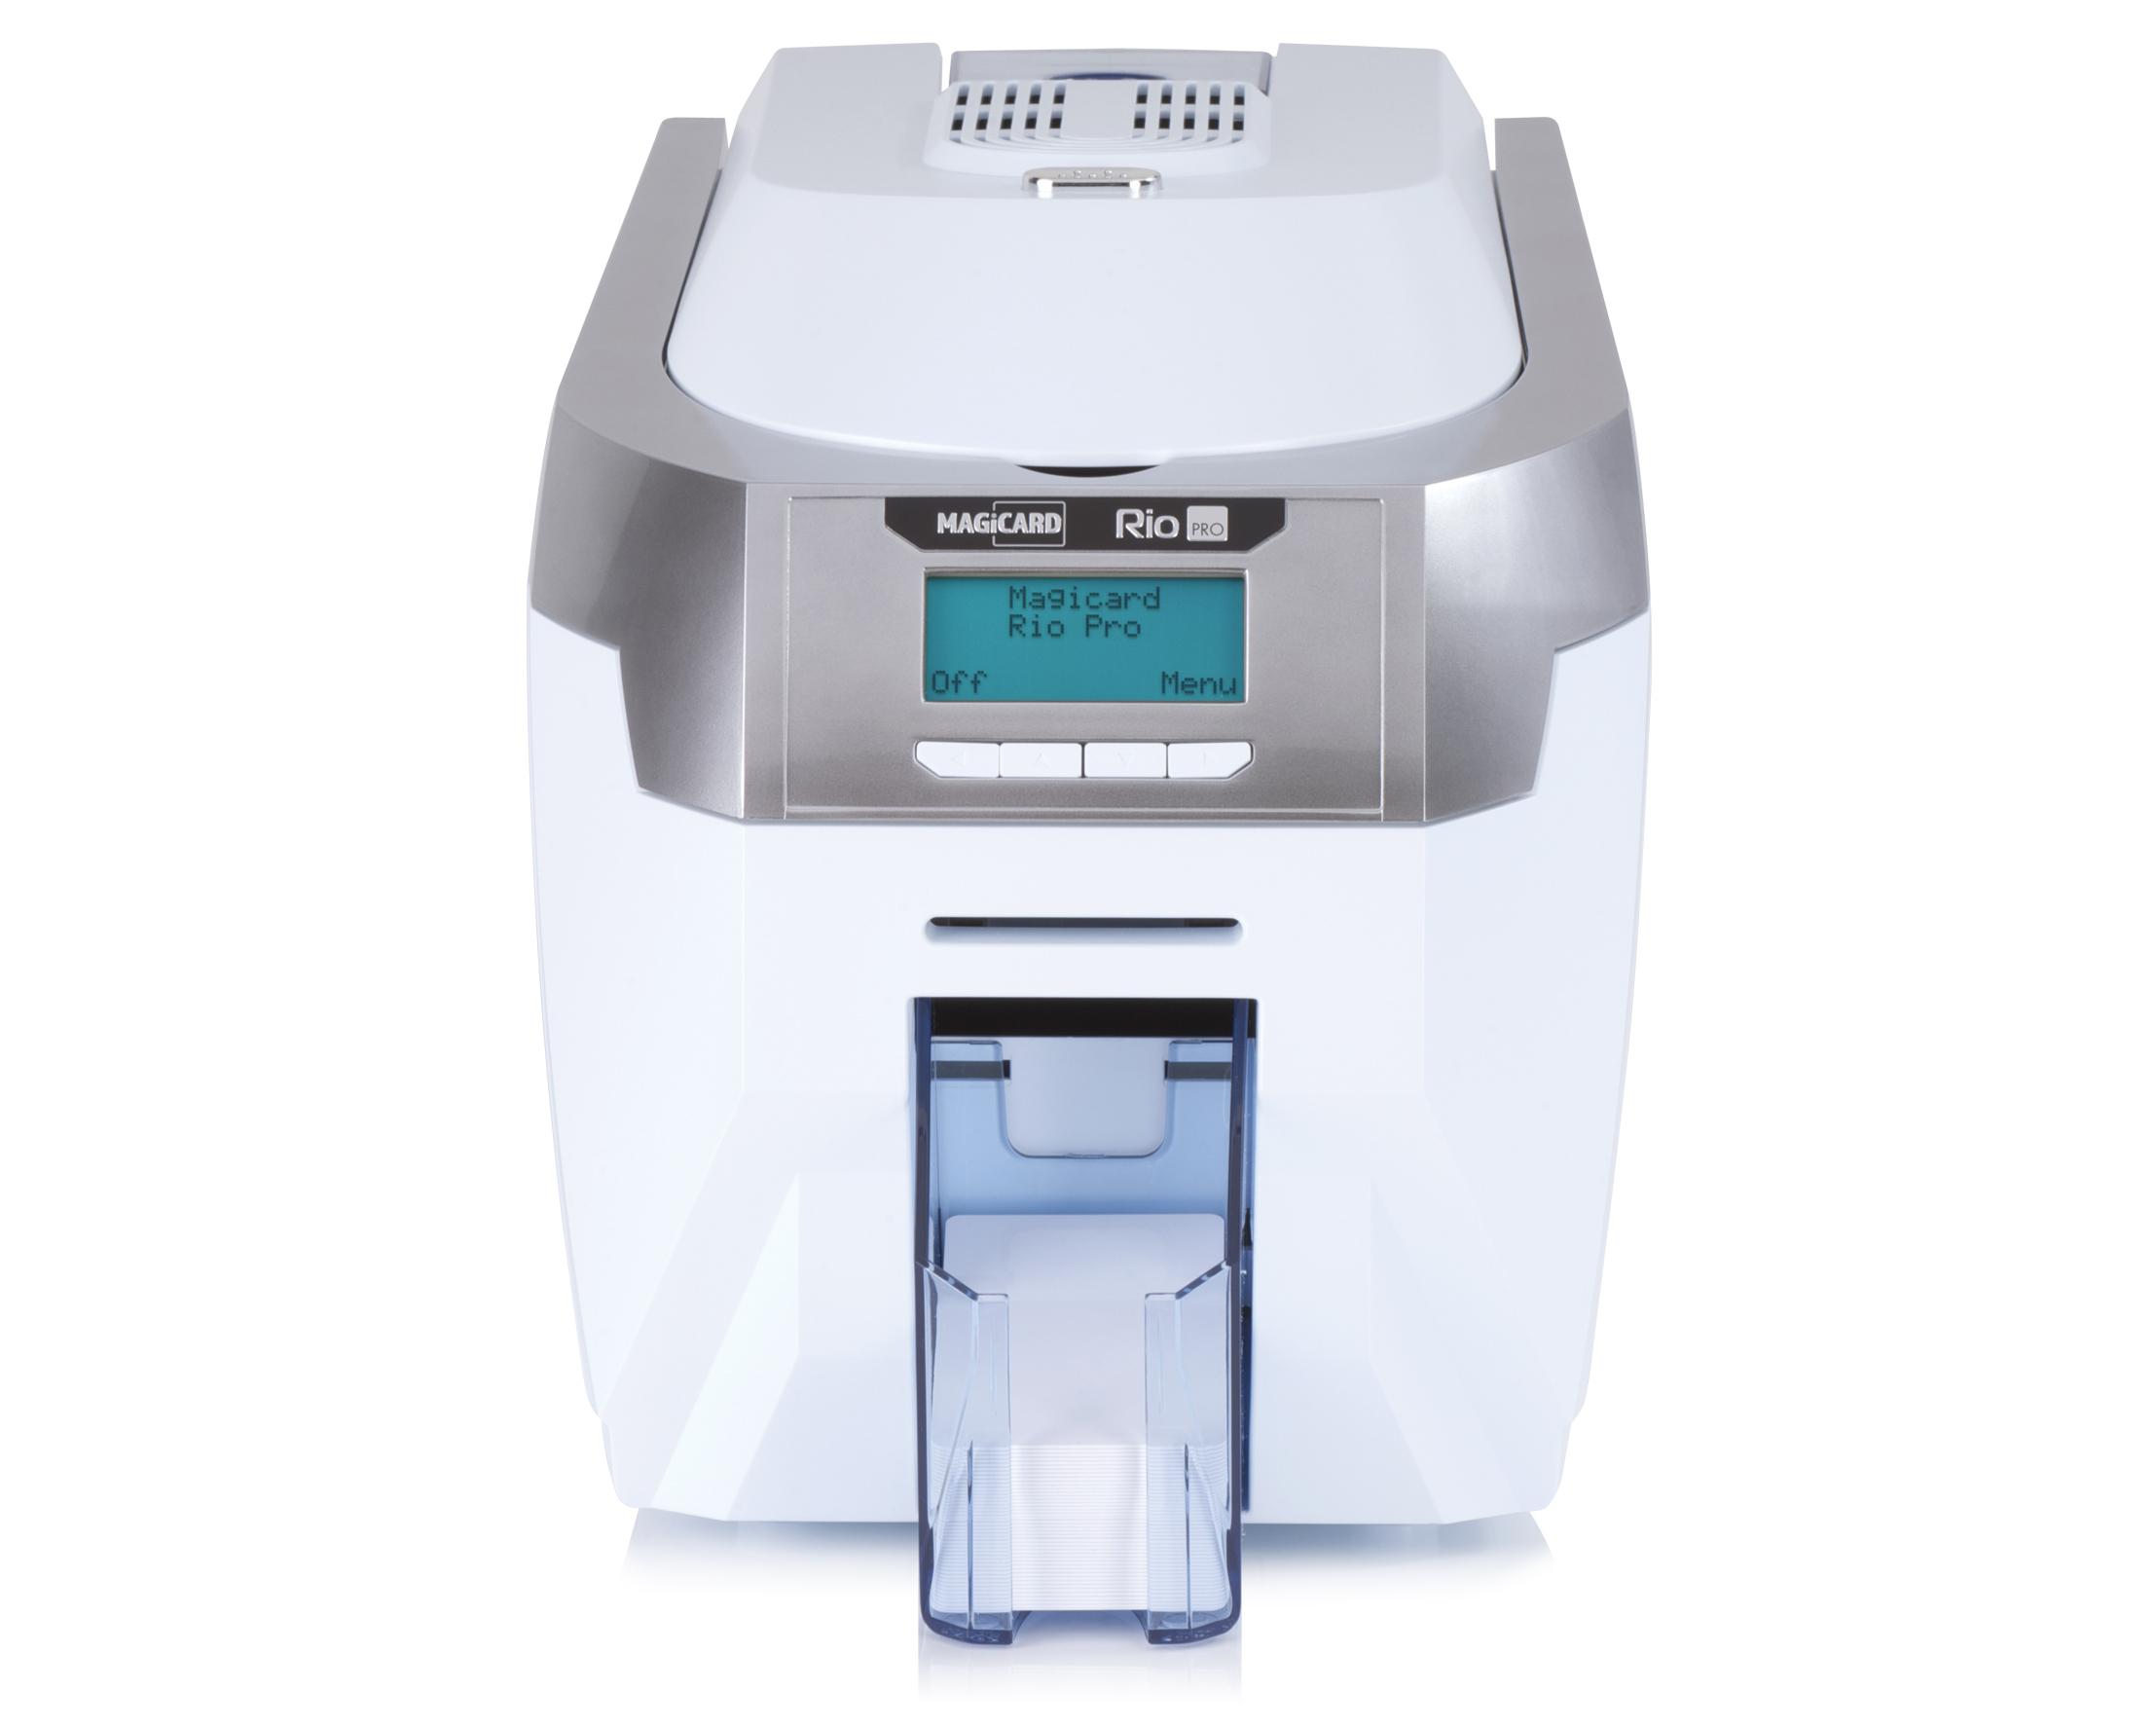 Magicard Rio Pro Card Printer 3652-0001